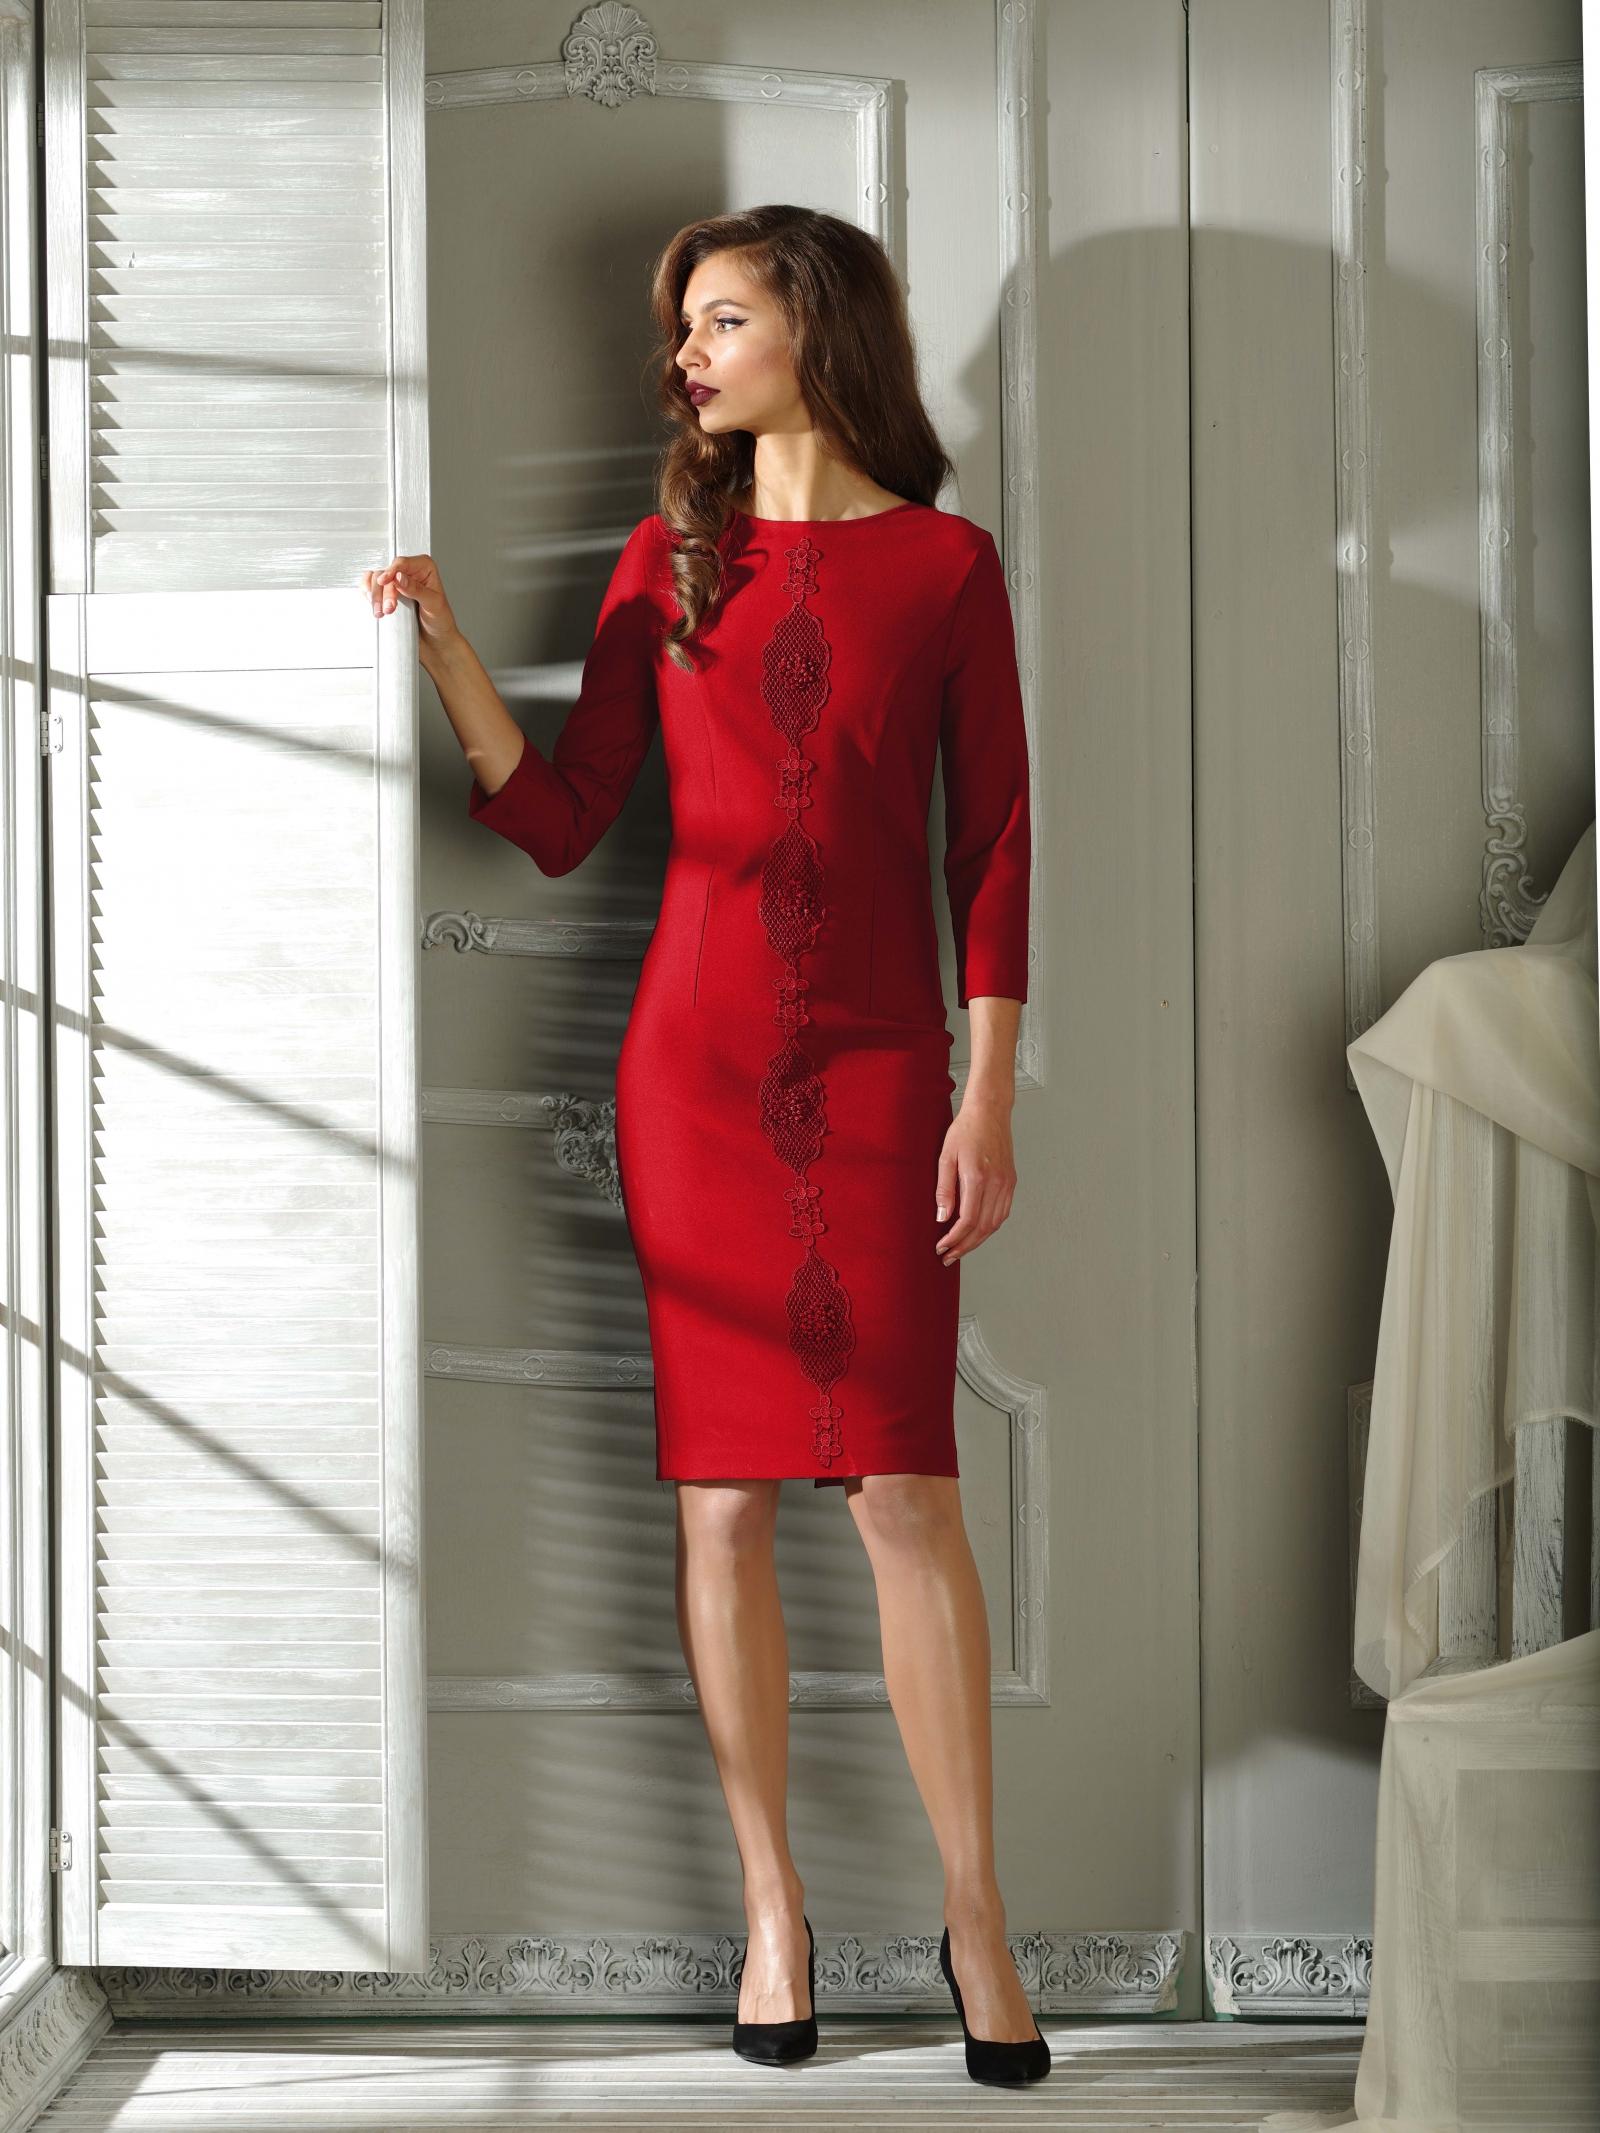 Сбор заказов. Самое нереальное предложение по белорусской одежде Vesnaletto: полнейшая, тотальнейшая ликвидация новой